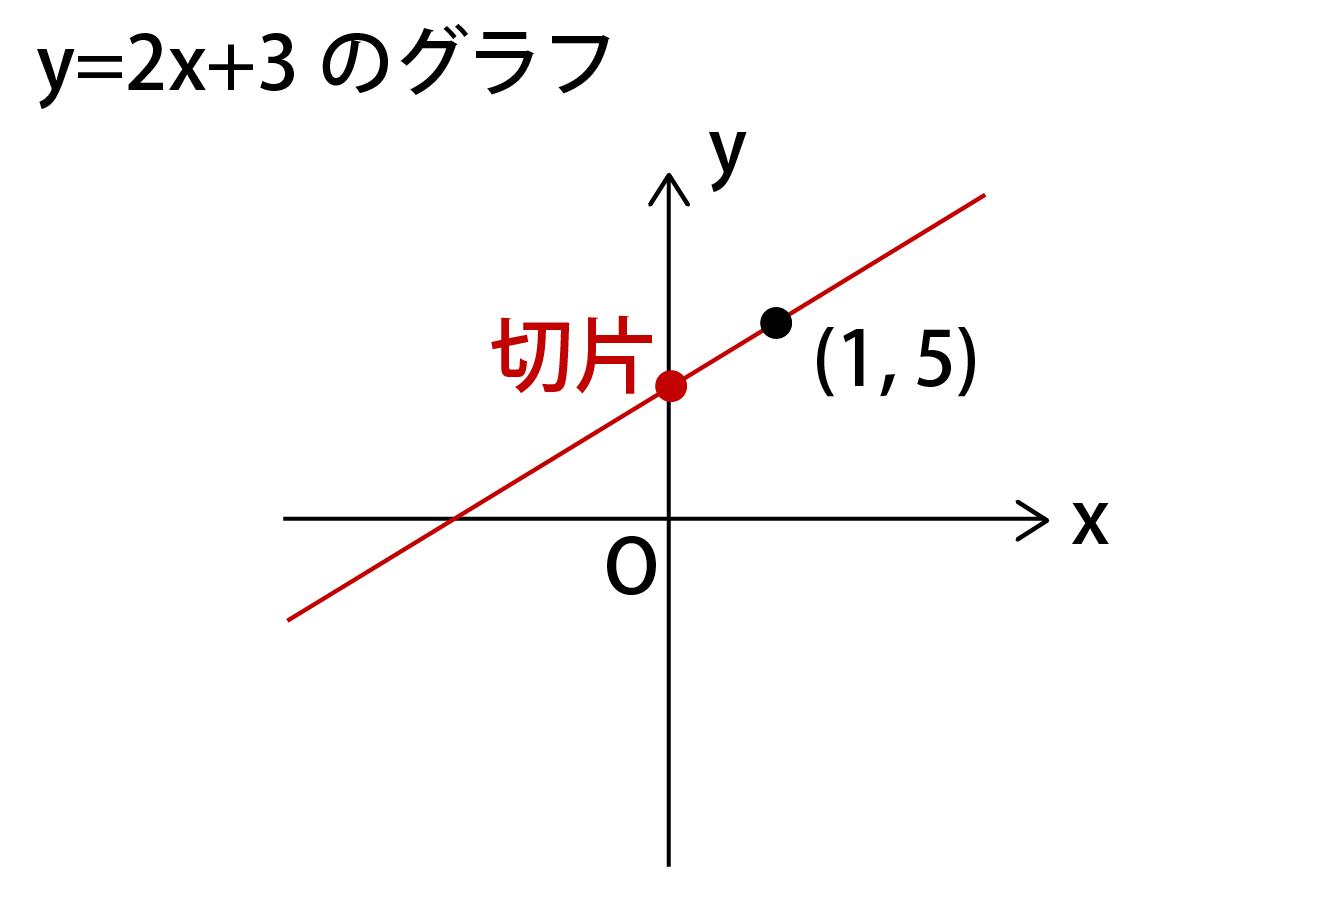 x座標が0の点